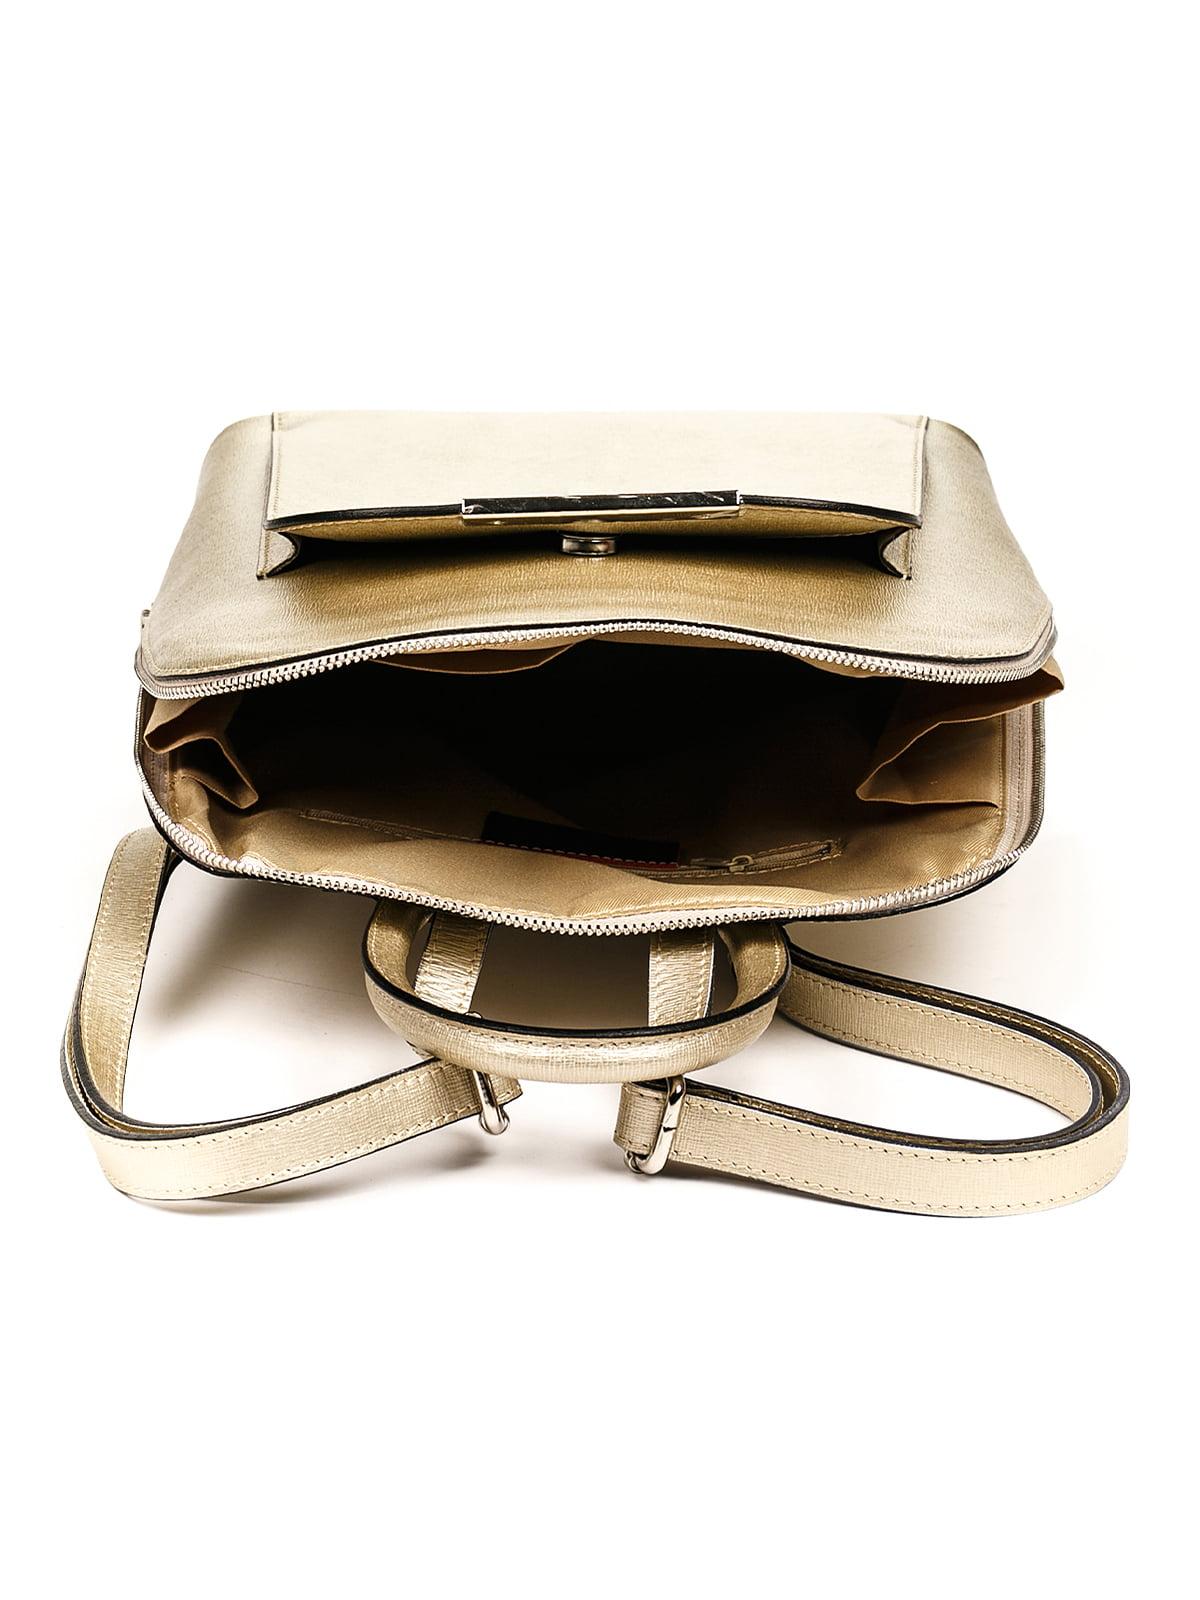 Рюкзак золотистий | 4979583 | фото 4